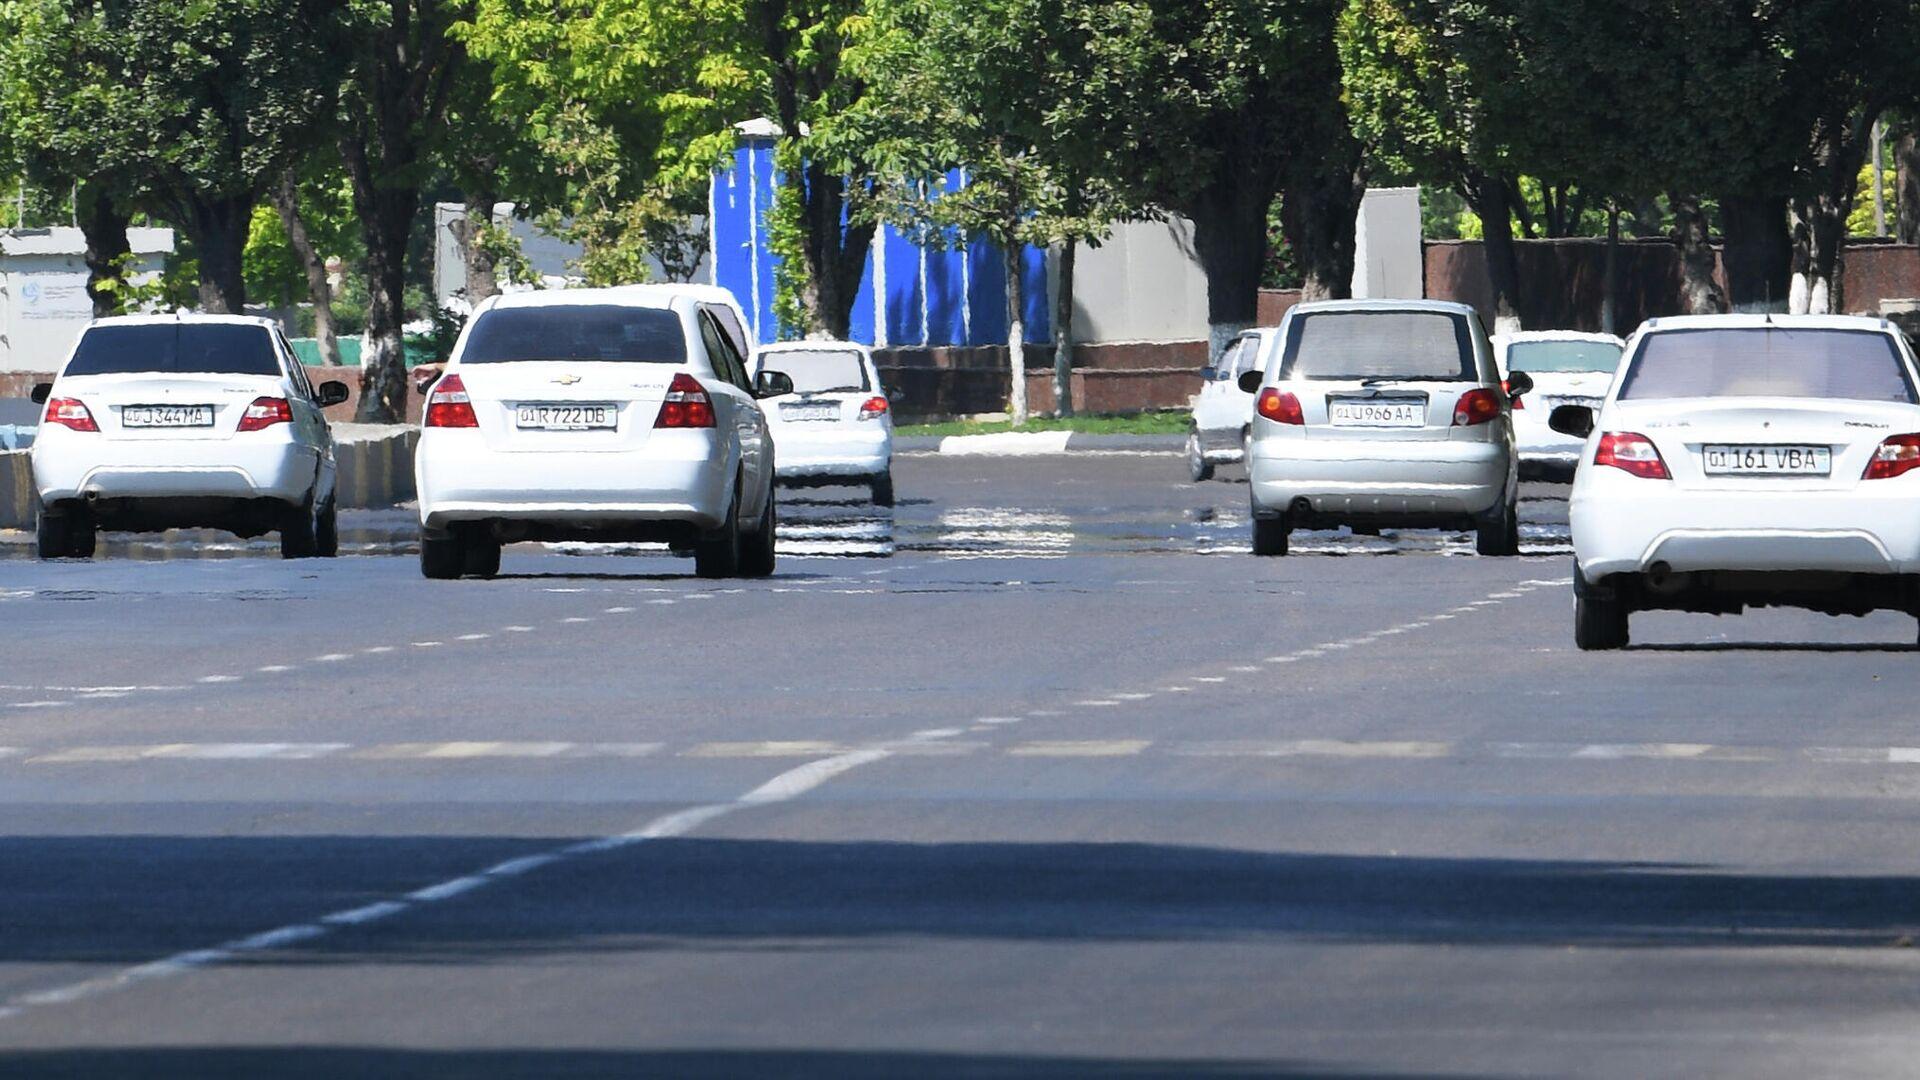 Страна белых автомобилей. Белый цвет больше отражает свет и меньше нагревается - Sputnik Узбекистан, 1920, 11.10.2021